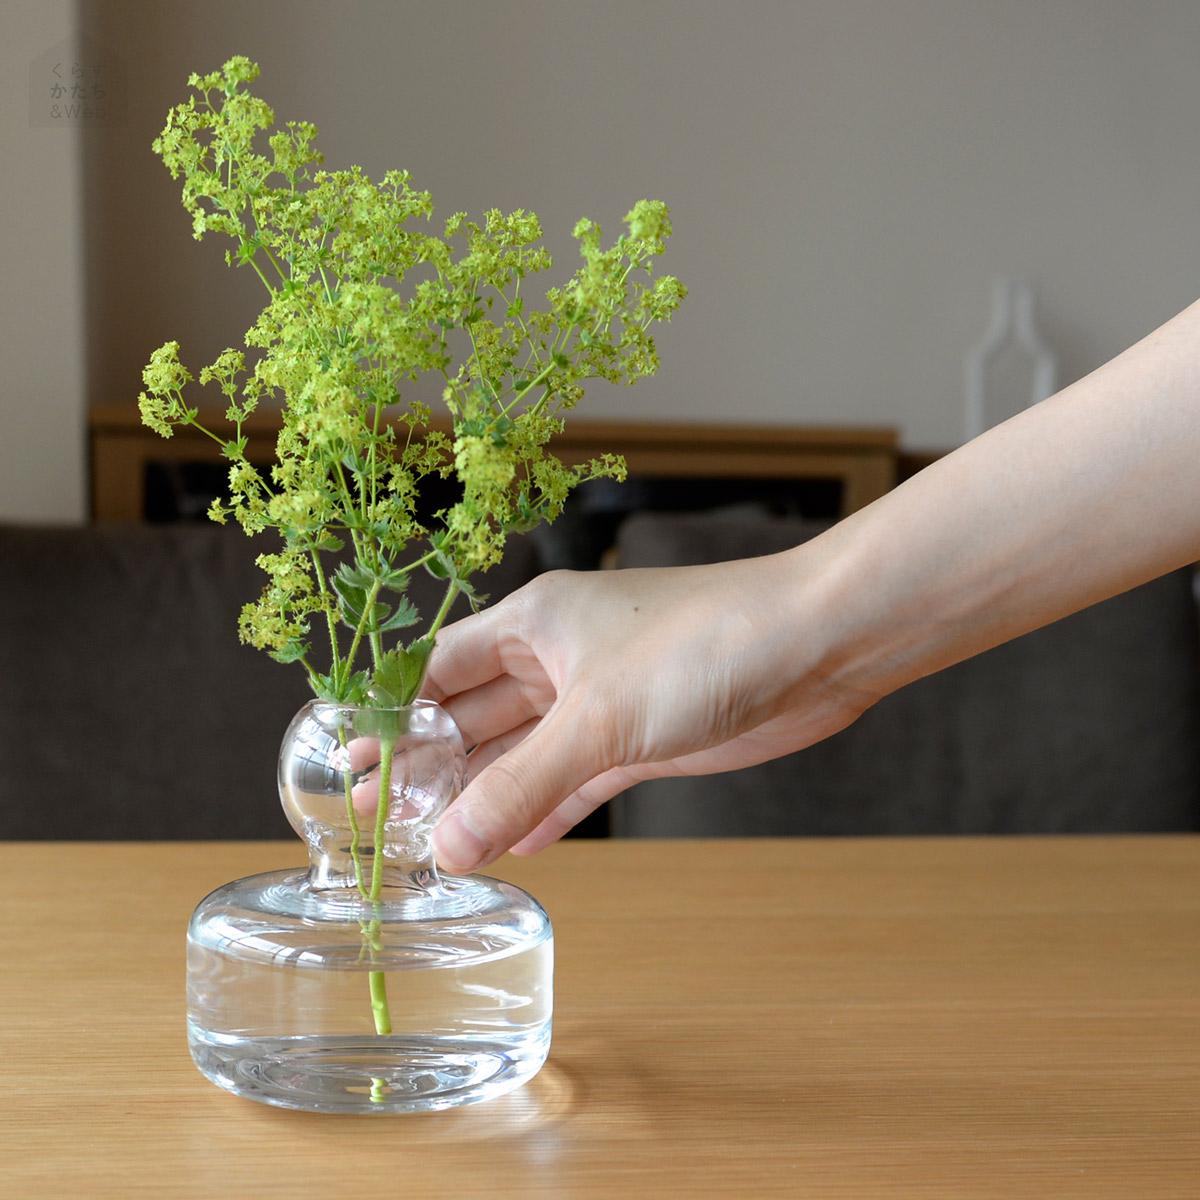 マリメッコ marimekko 花瓶 フラワーベース クリア 北欧 フィンランド 手吹きガラス